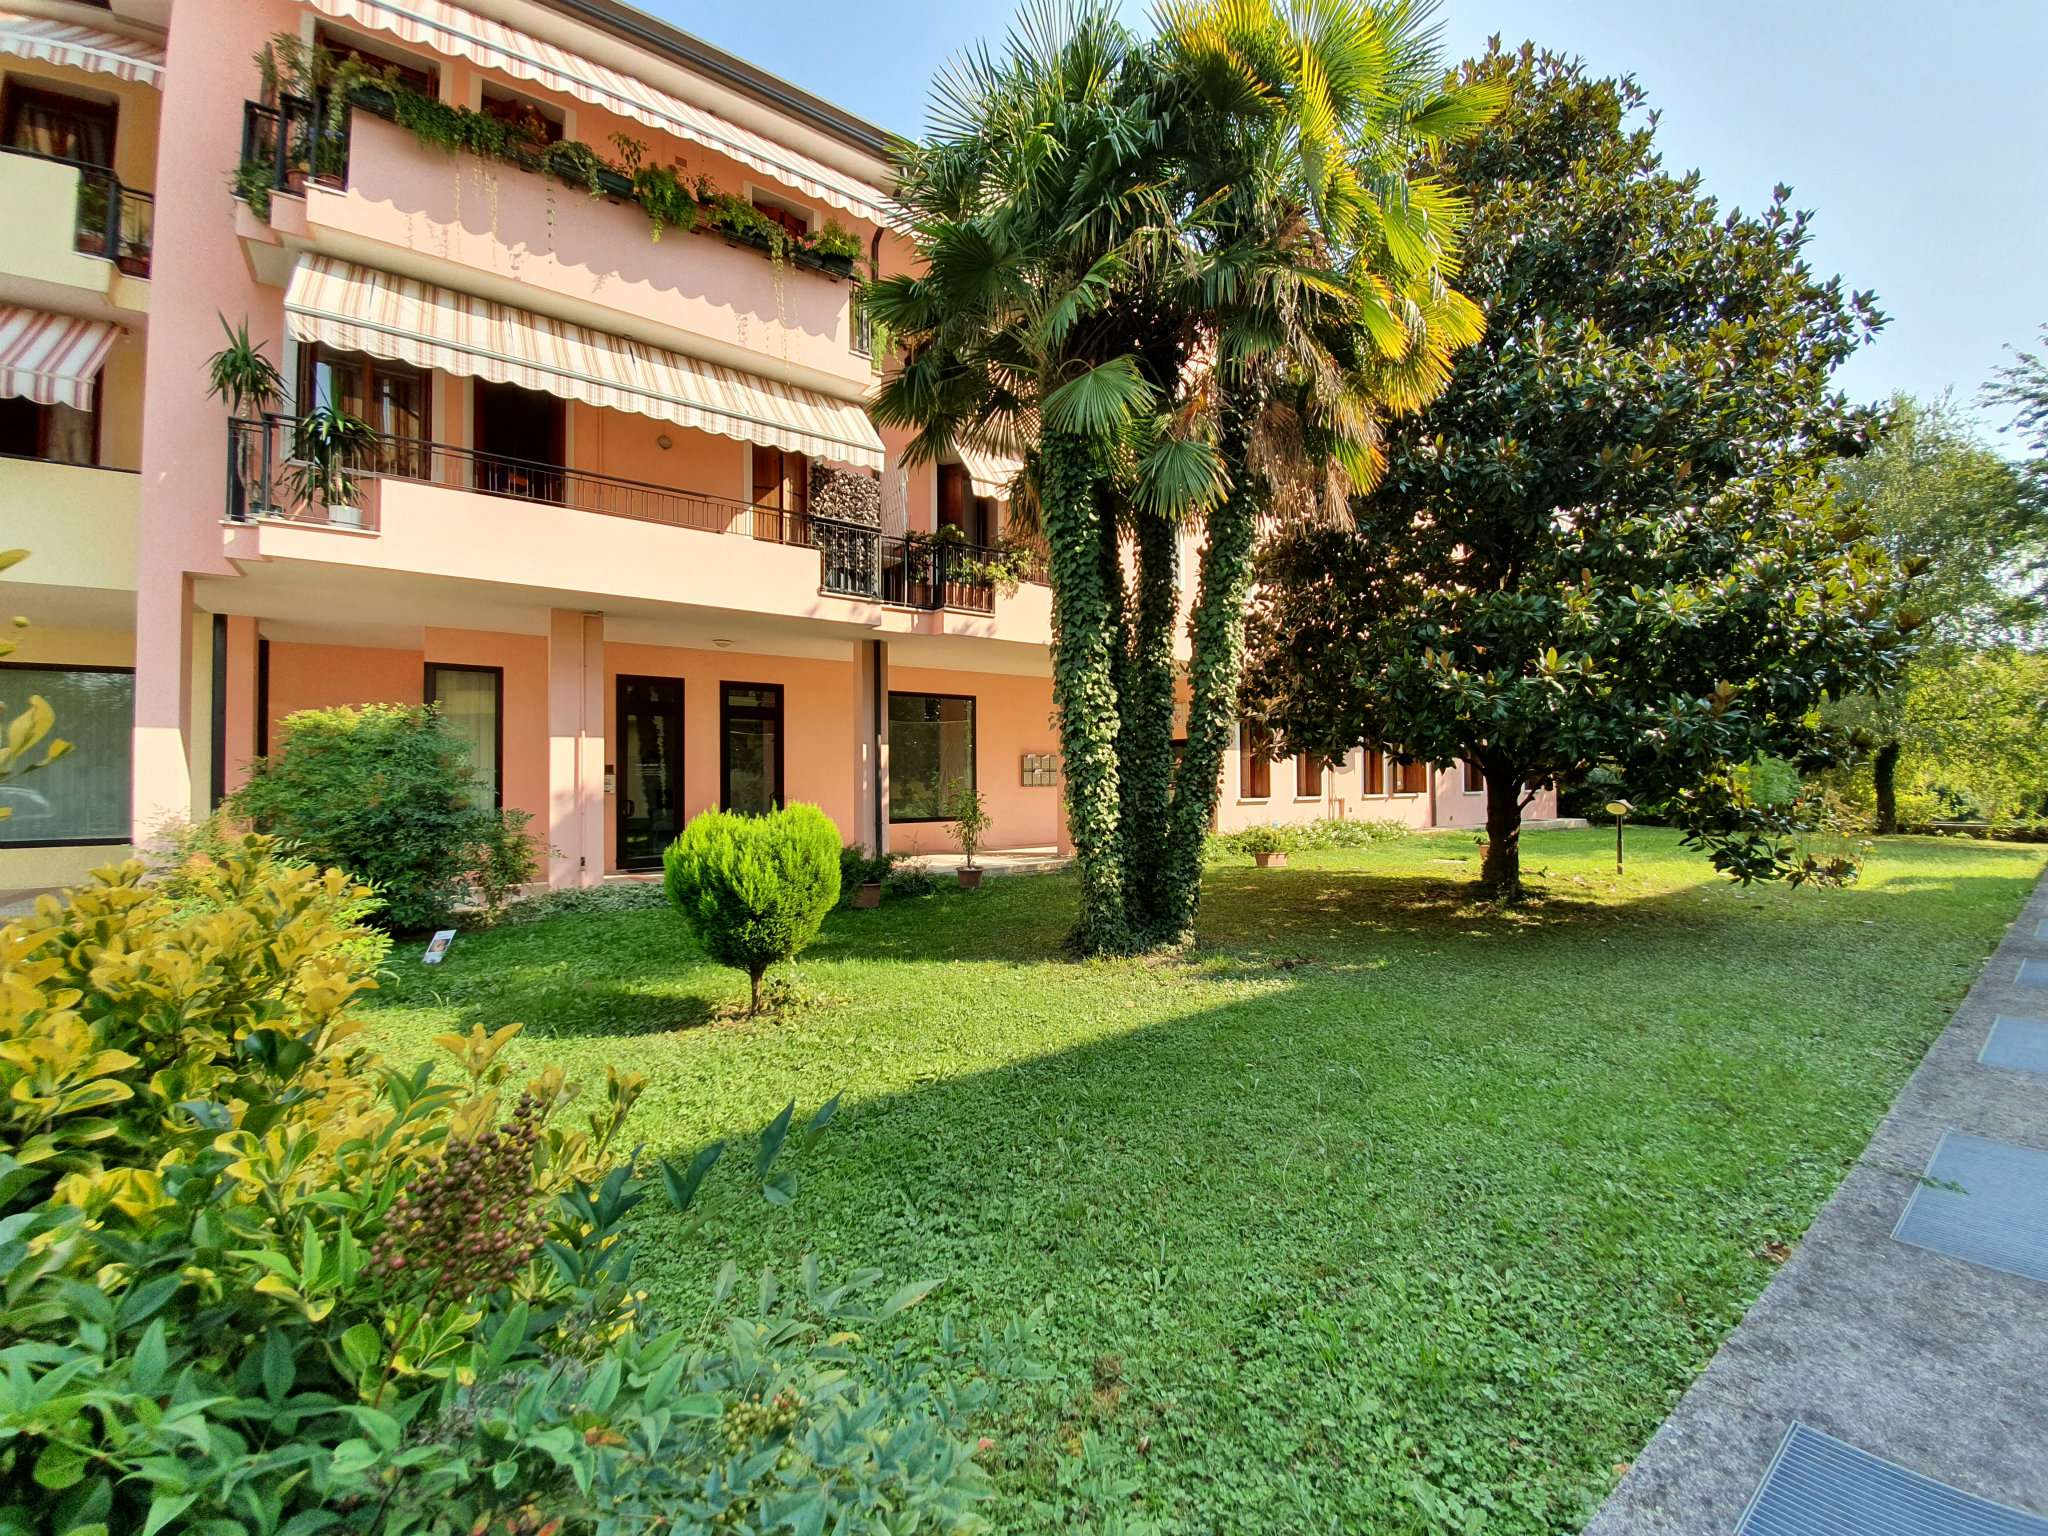 Ufficio / Studio in vendita a Oderzo, 9999 locali, prezzo € 70.000 | CambioCasa.it